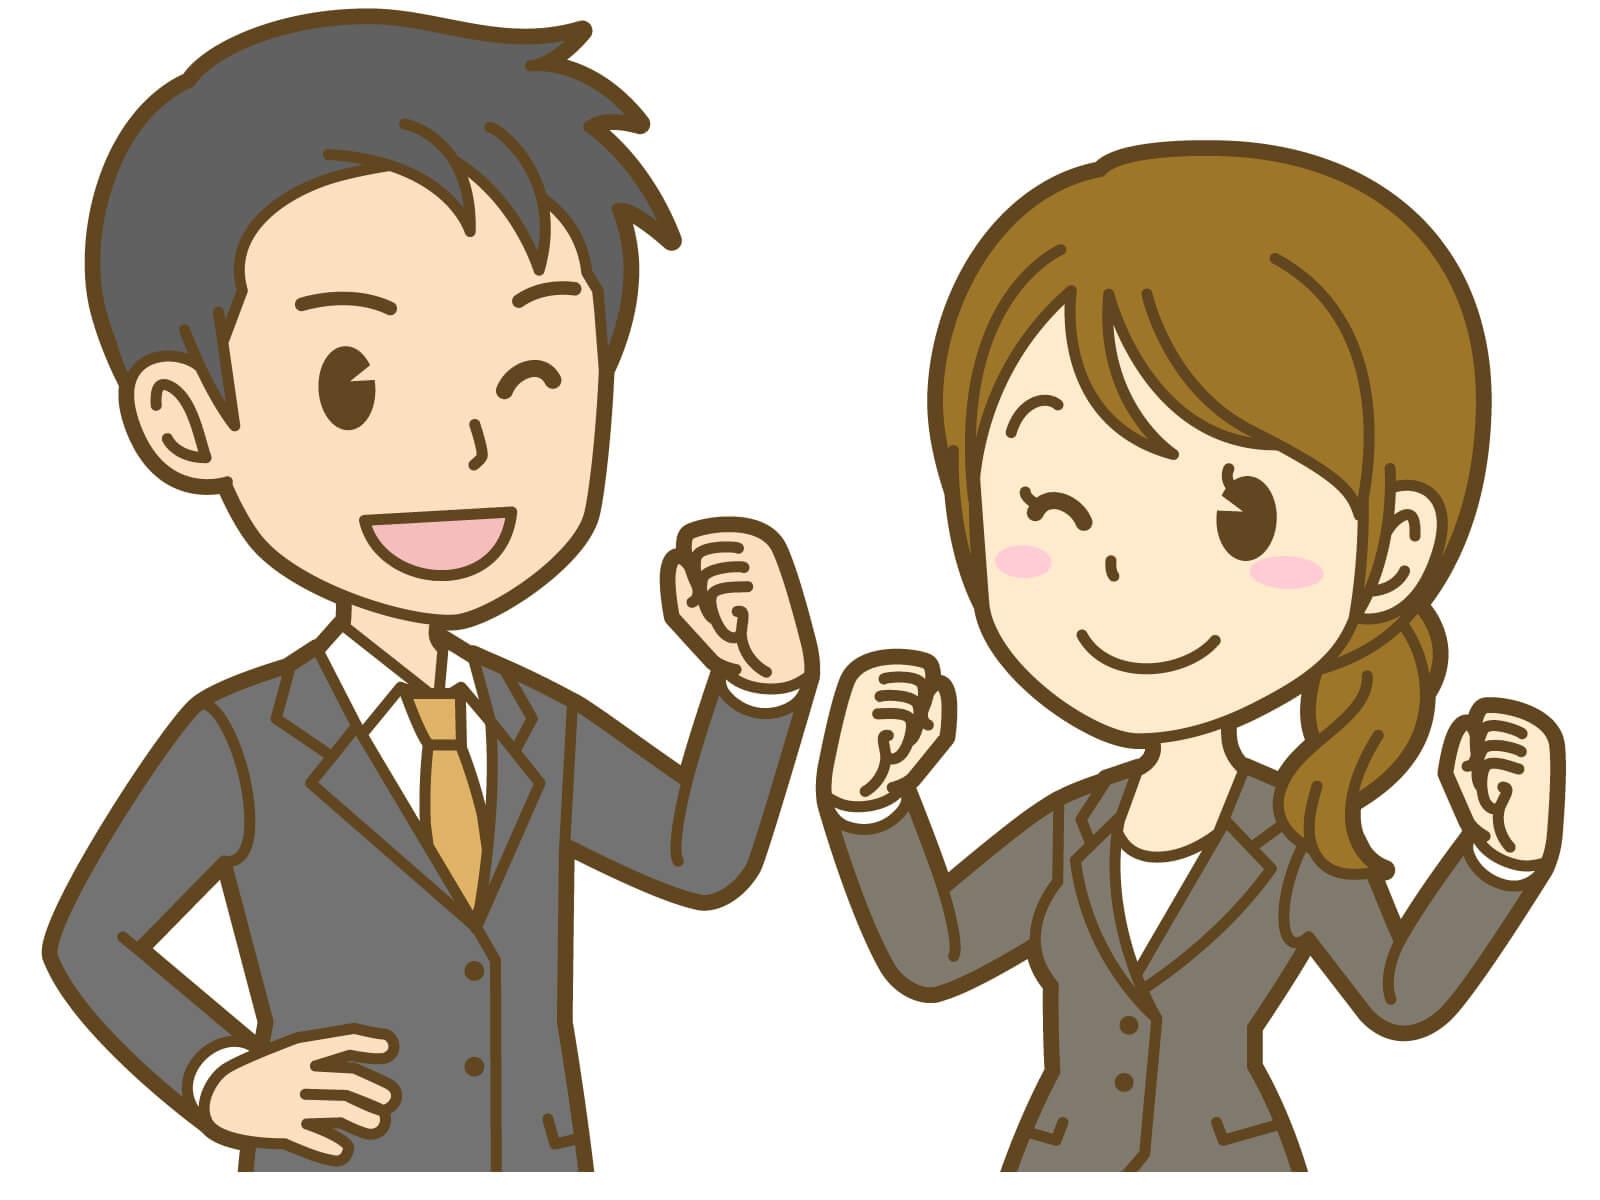 個別指導まなびでアルバイト!!【面接・試験・研修について】